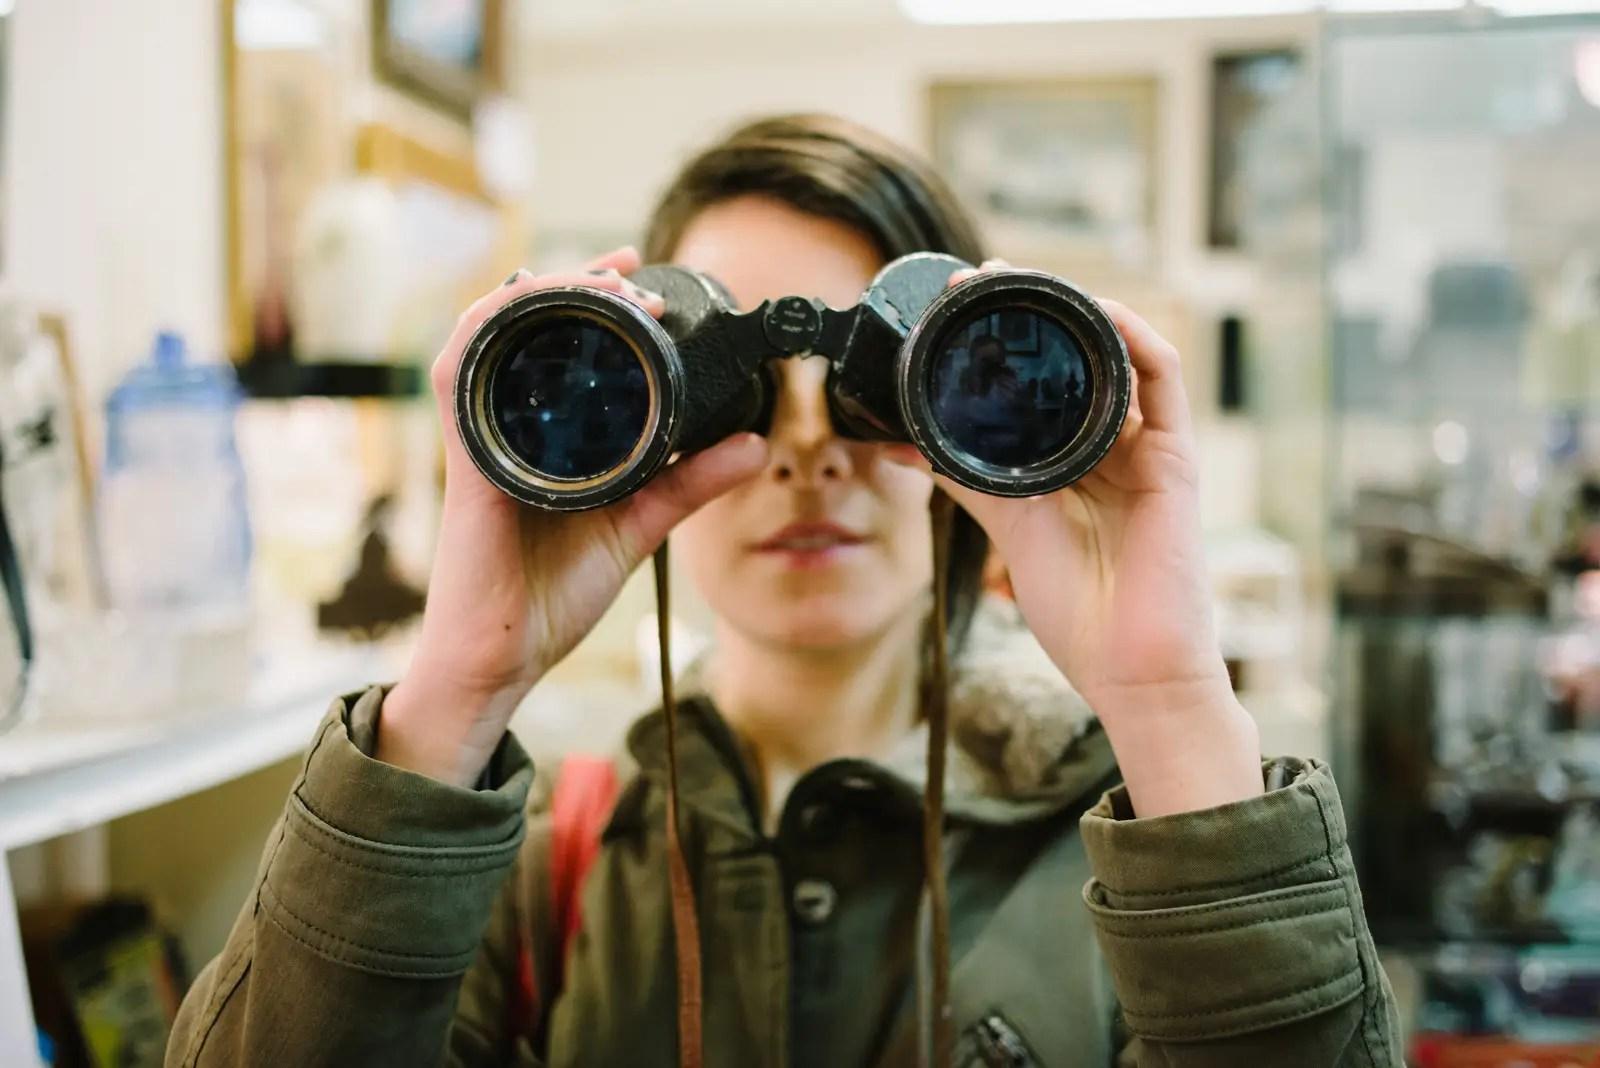 girl with binoculars